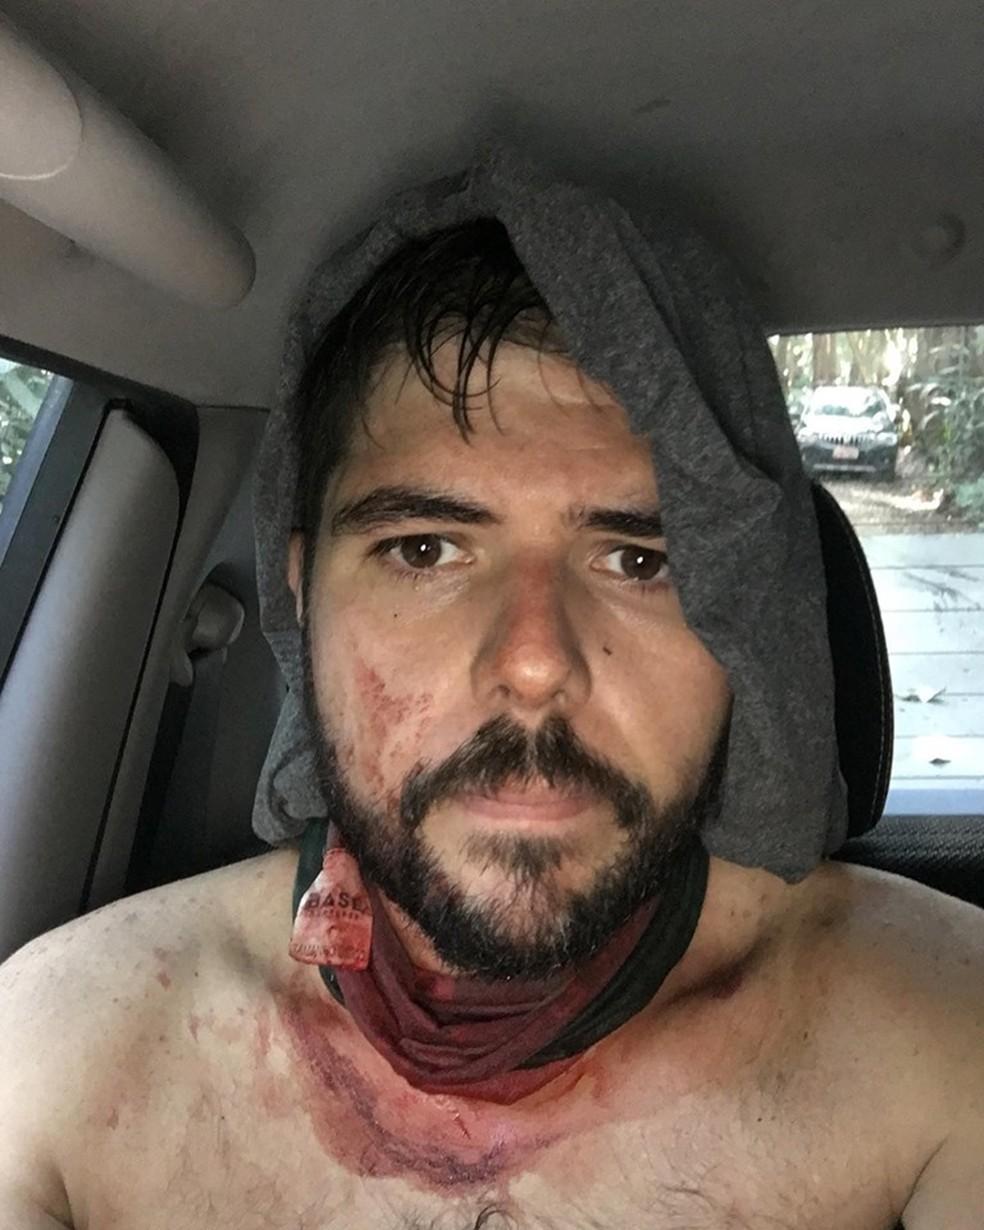 Bruno foi agredido por criminosos durante assalto em trilha na Floresta da Tijuca — Foto: Reprodução/ Facebook